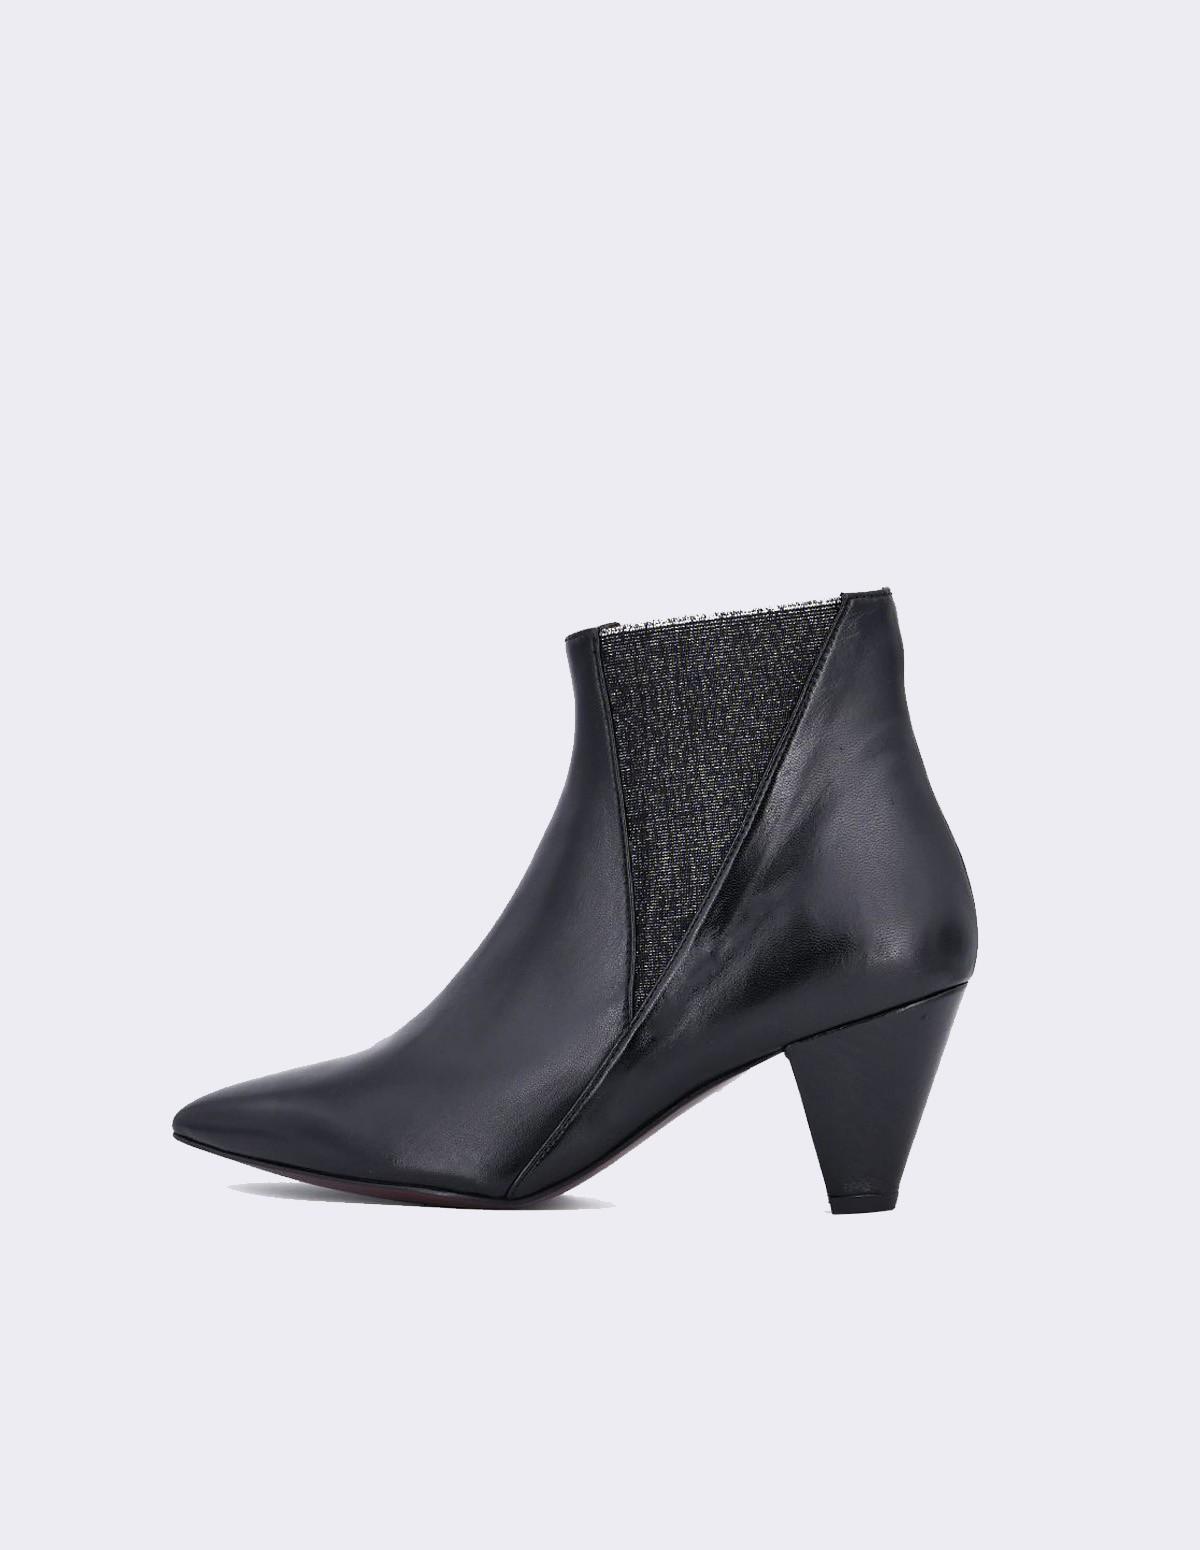 Ag Artic Boots - NOIR/ARGENT